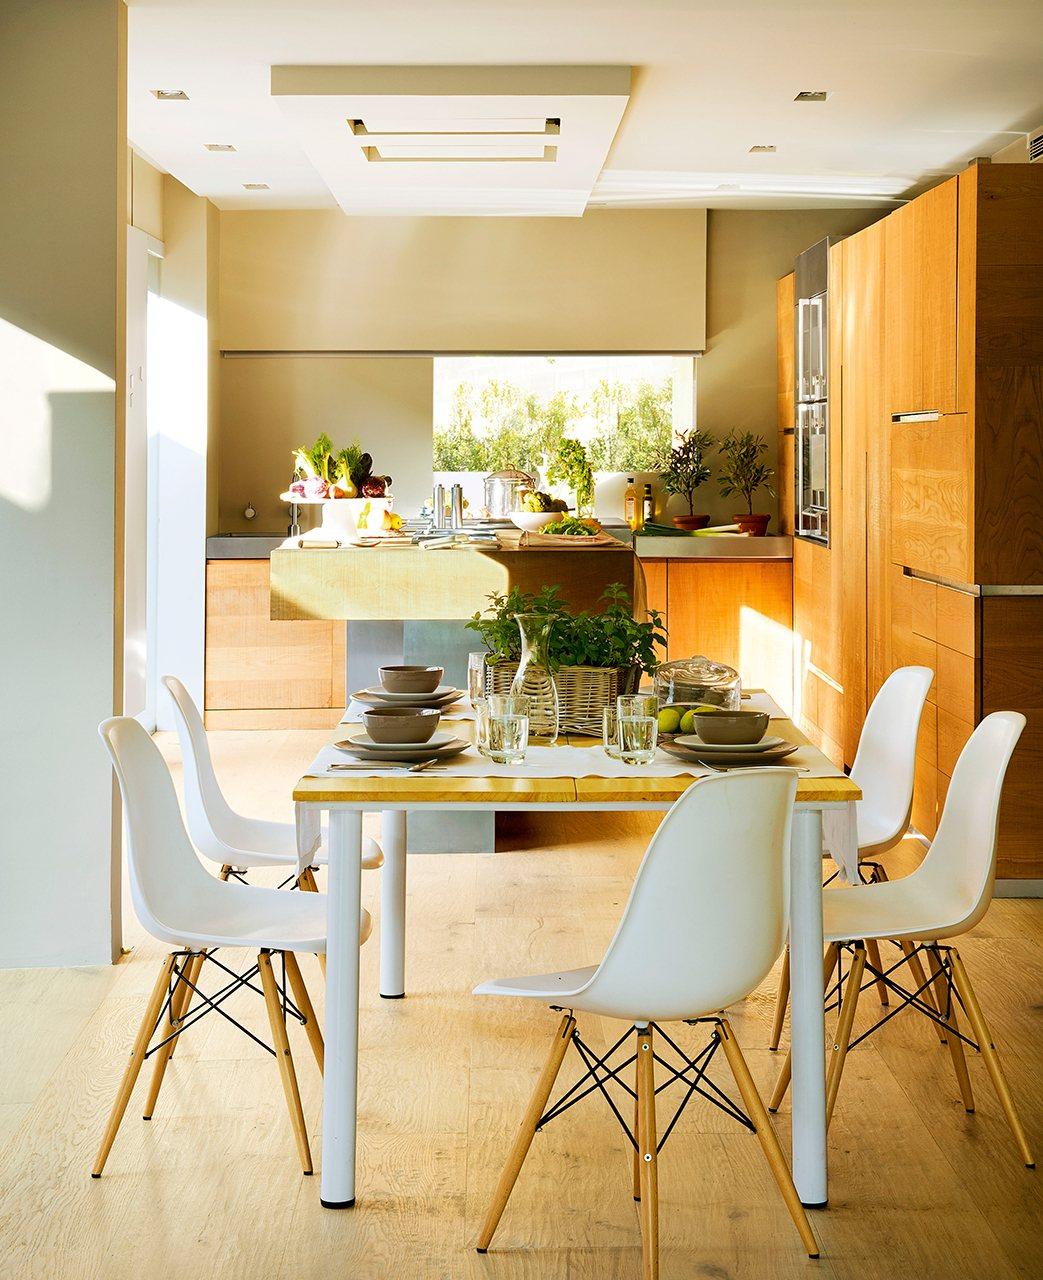 Abierta y c lida una cocina con alma de roble - Cocinas con office fotos ...